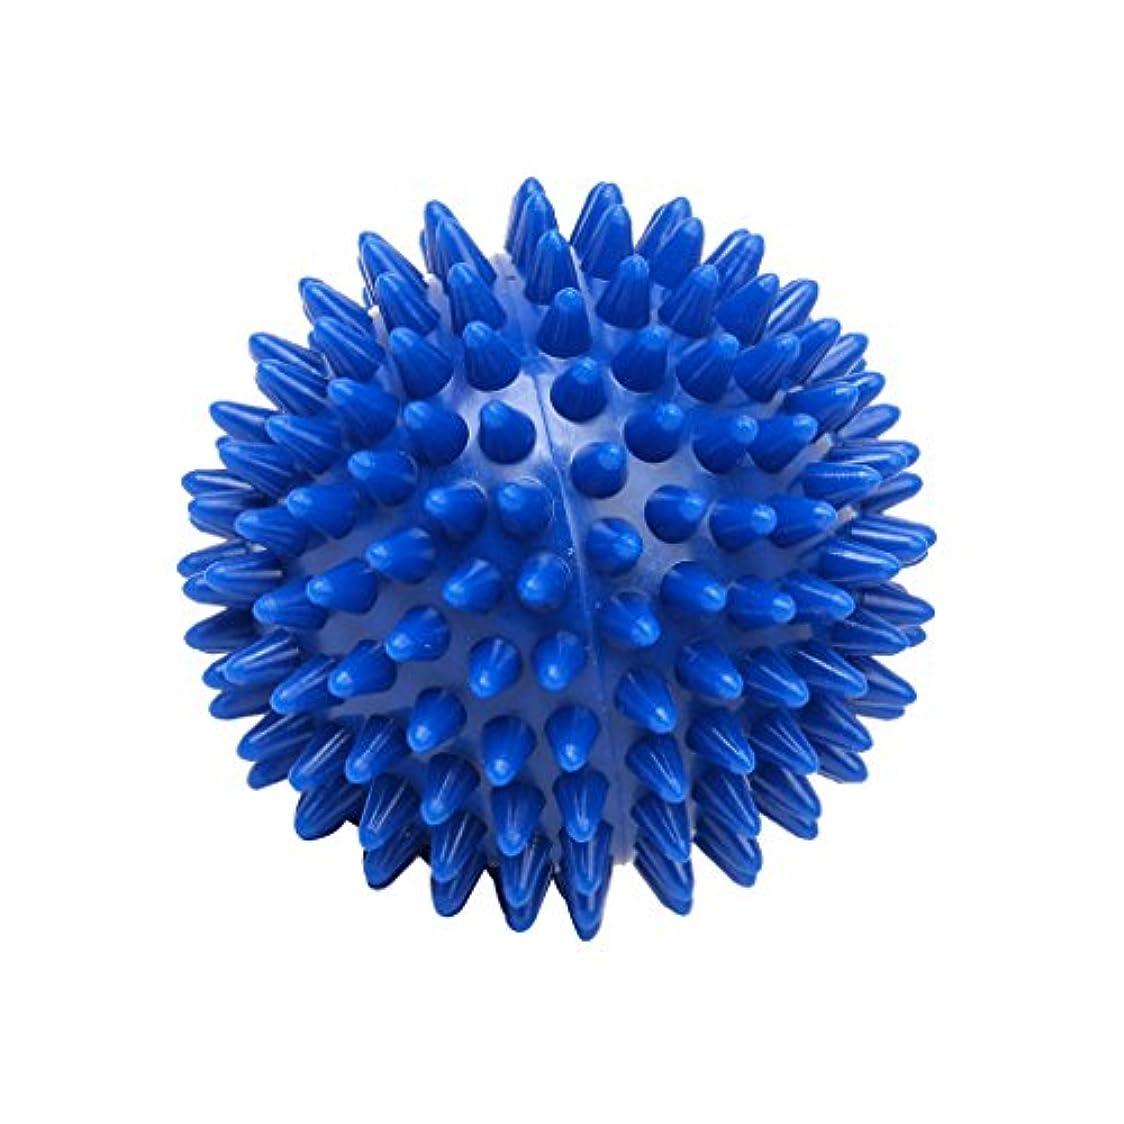 並外れて思いつくキルスFootful マッサージボール 健康グッズ 健康器具 血液循環促進 緊張緩和 7cm ブルー